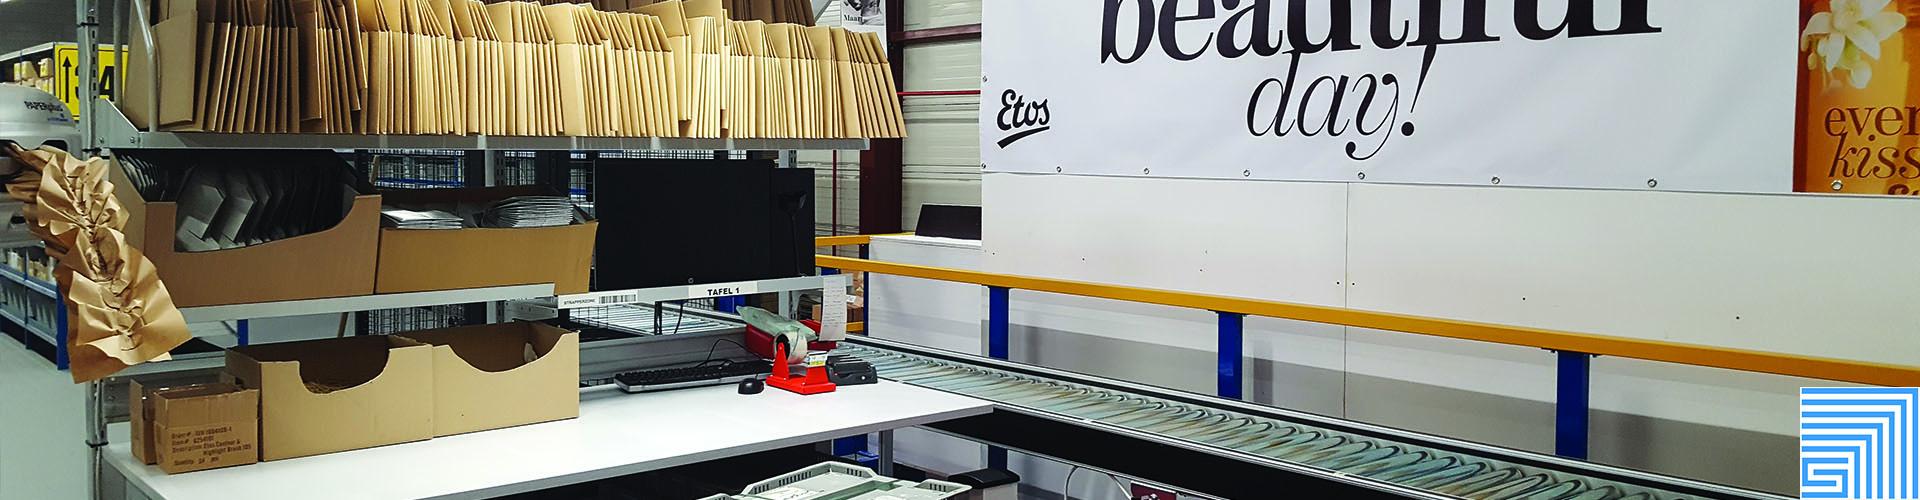 Sovella Nederland Treston inpaktafel met motorische rollenbanen voor webshop etos